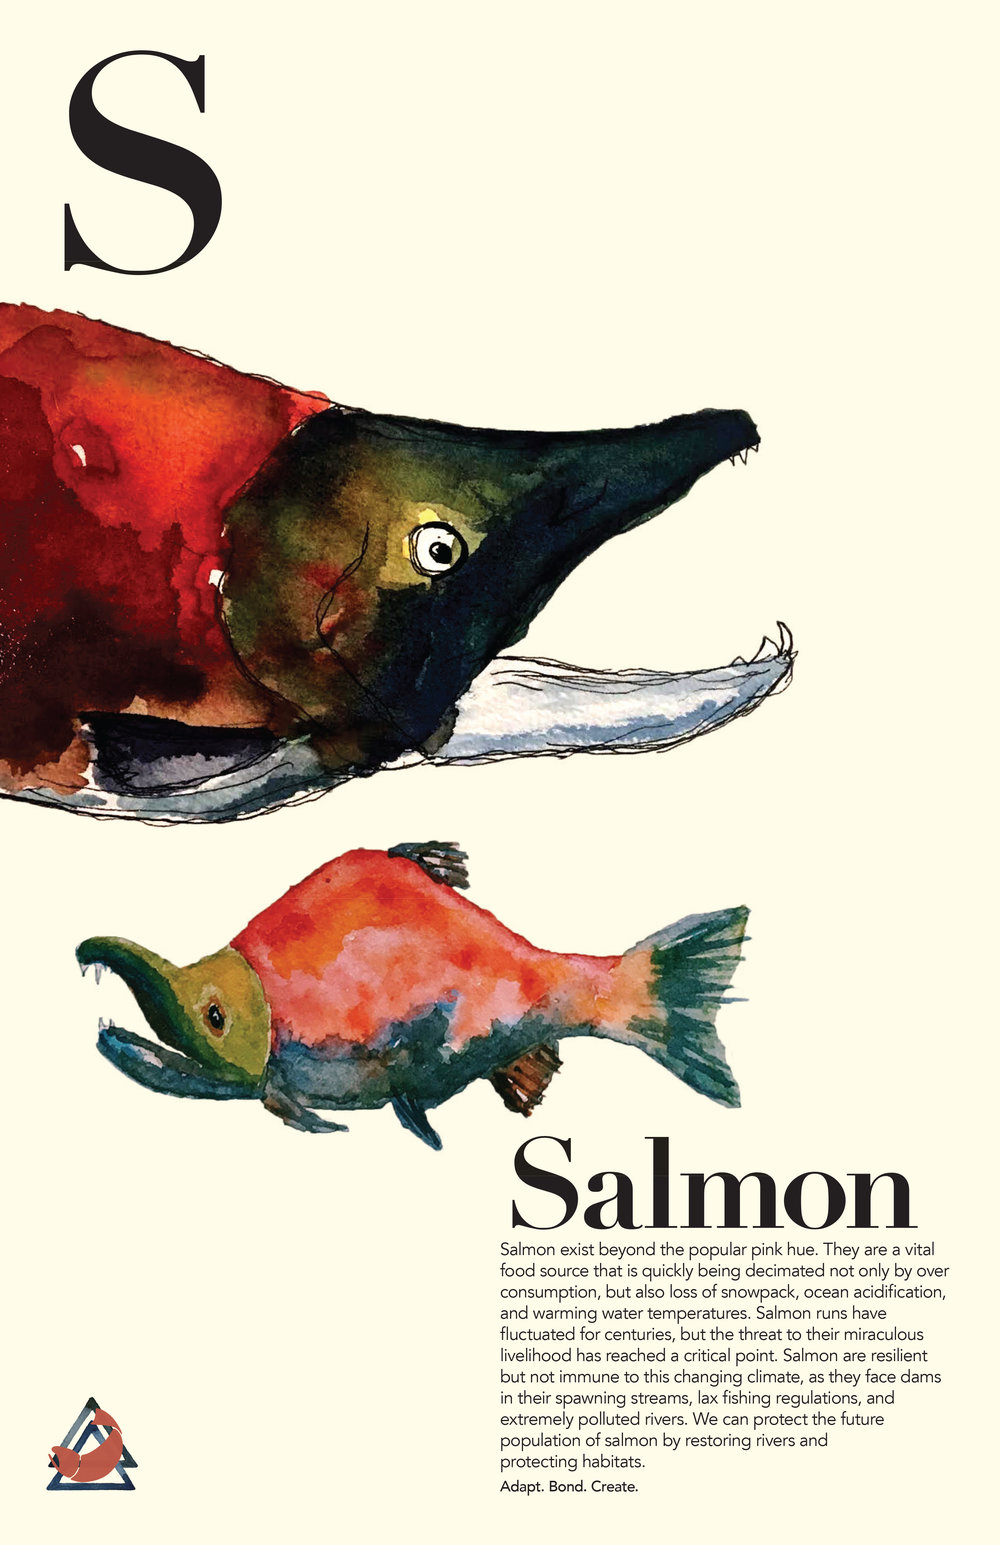 Salmon_final copy.jpg